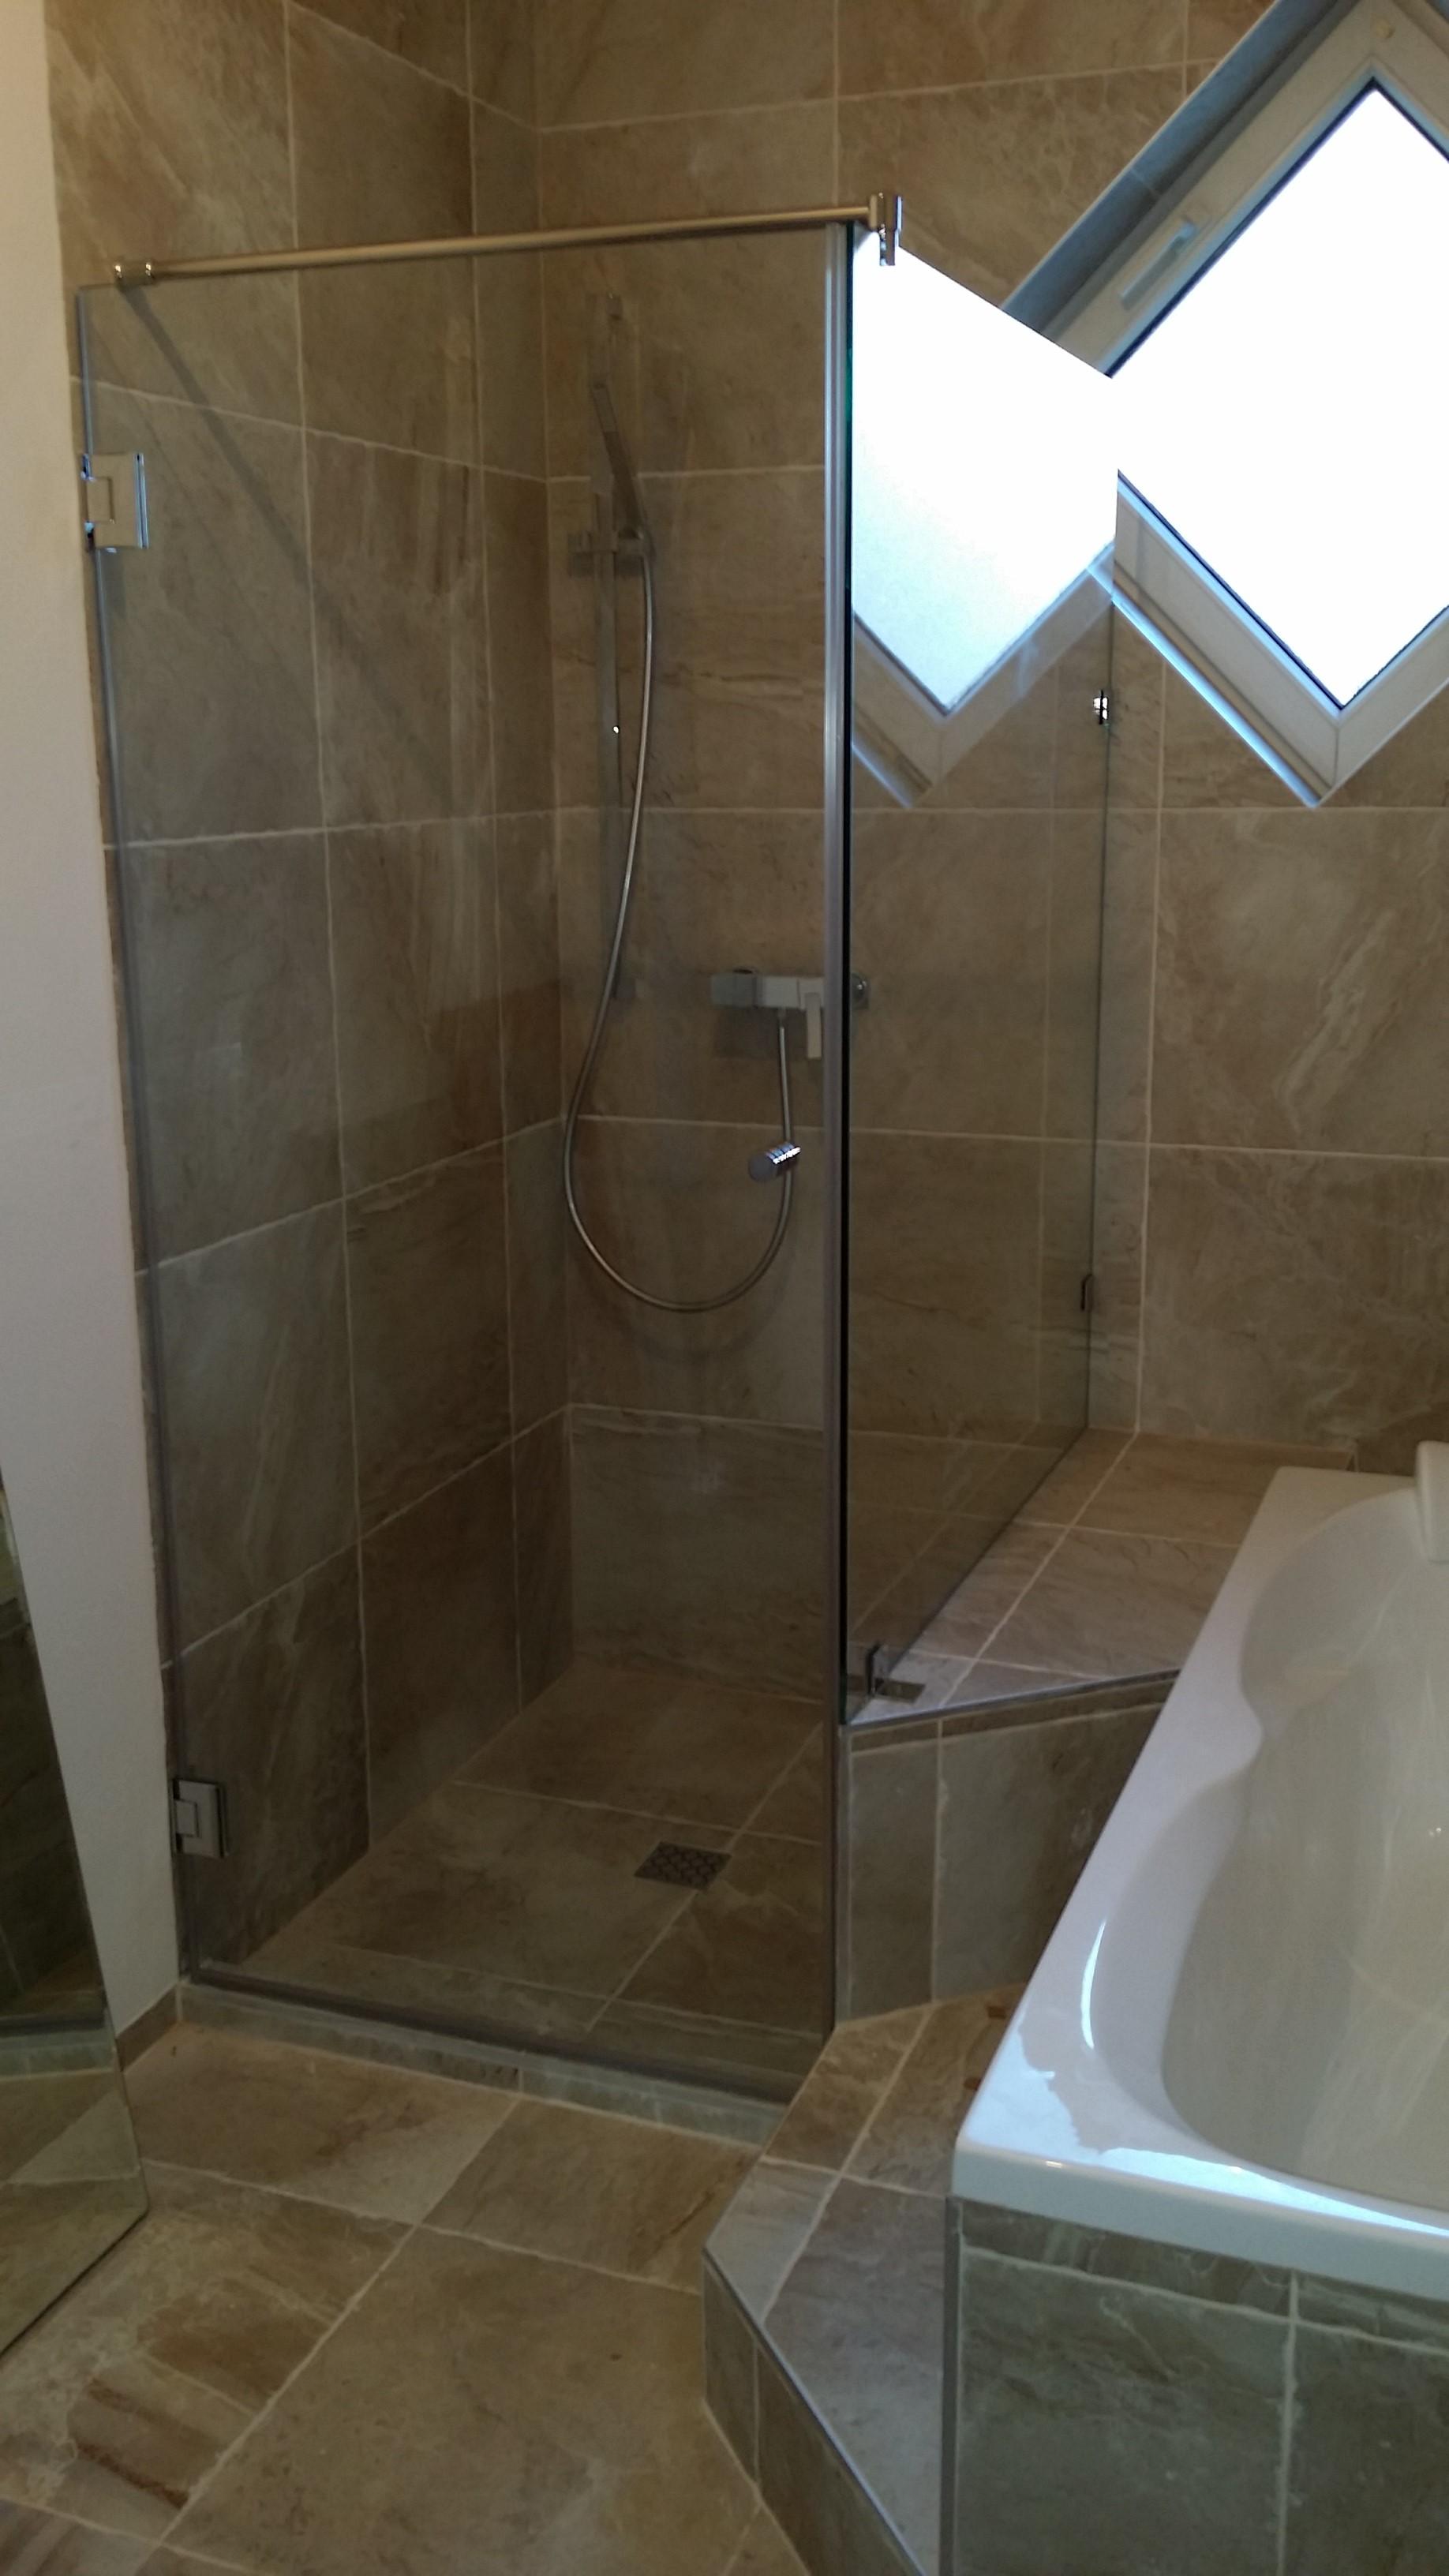 Egyenes zuhanyfal egy falról nyíló ajtóval és egy fix résszel